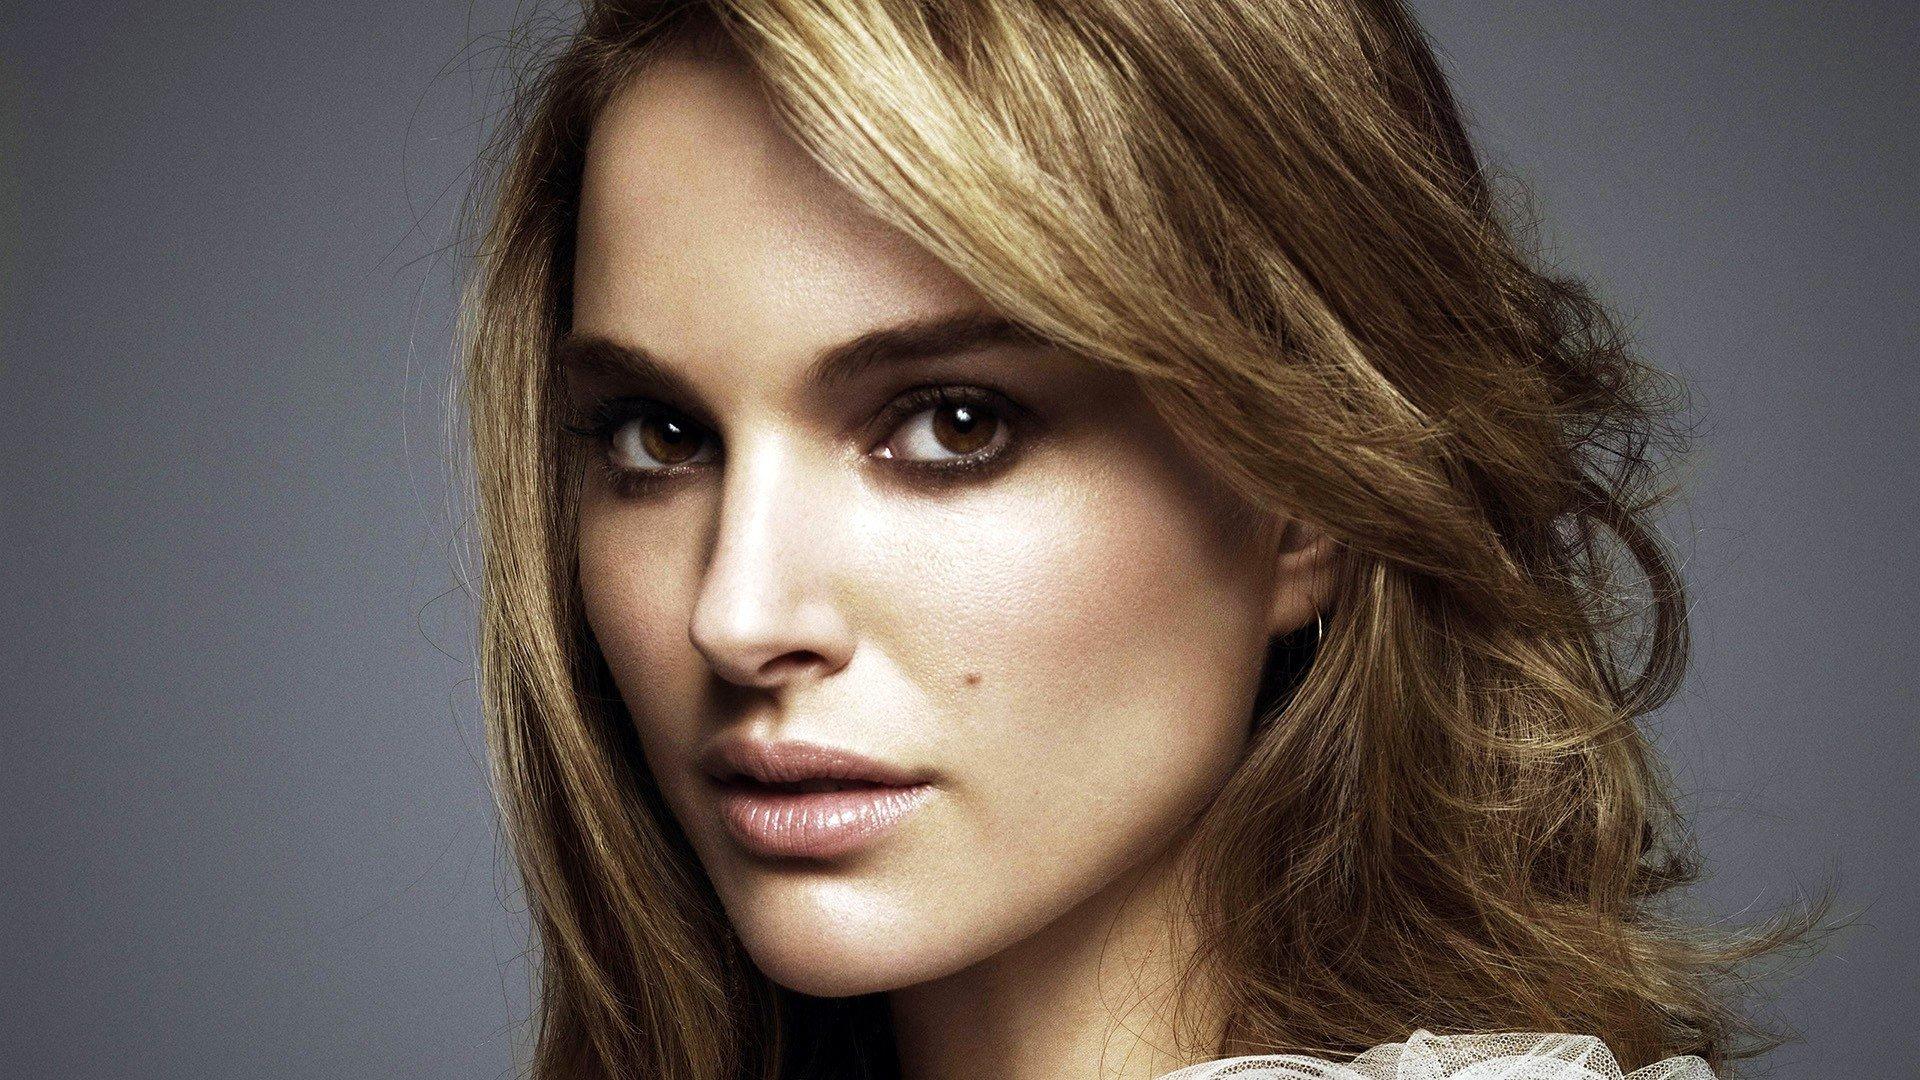 Natalie Portman Video